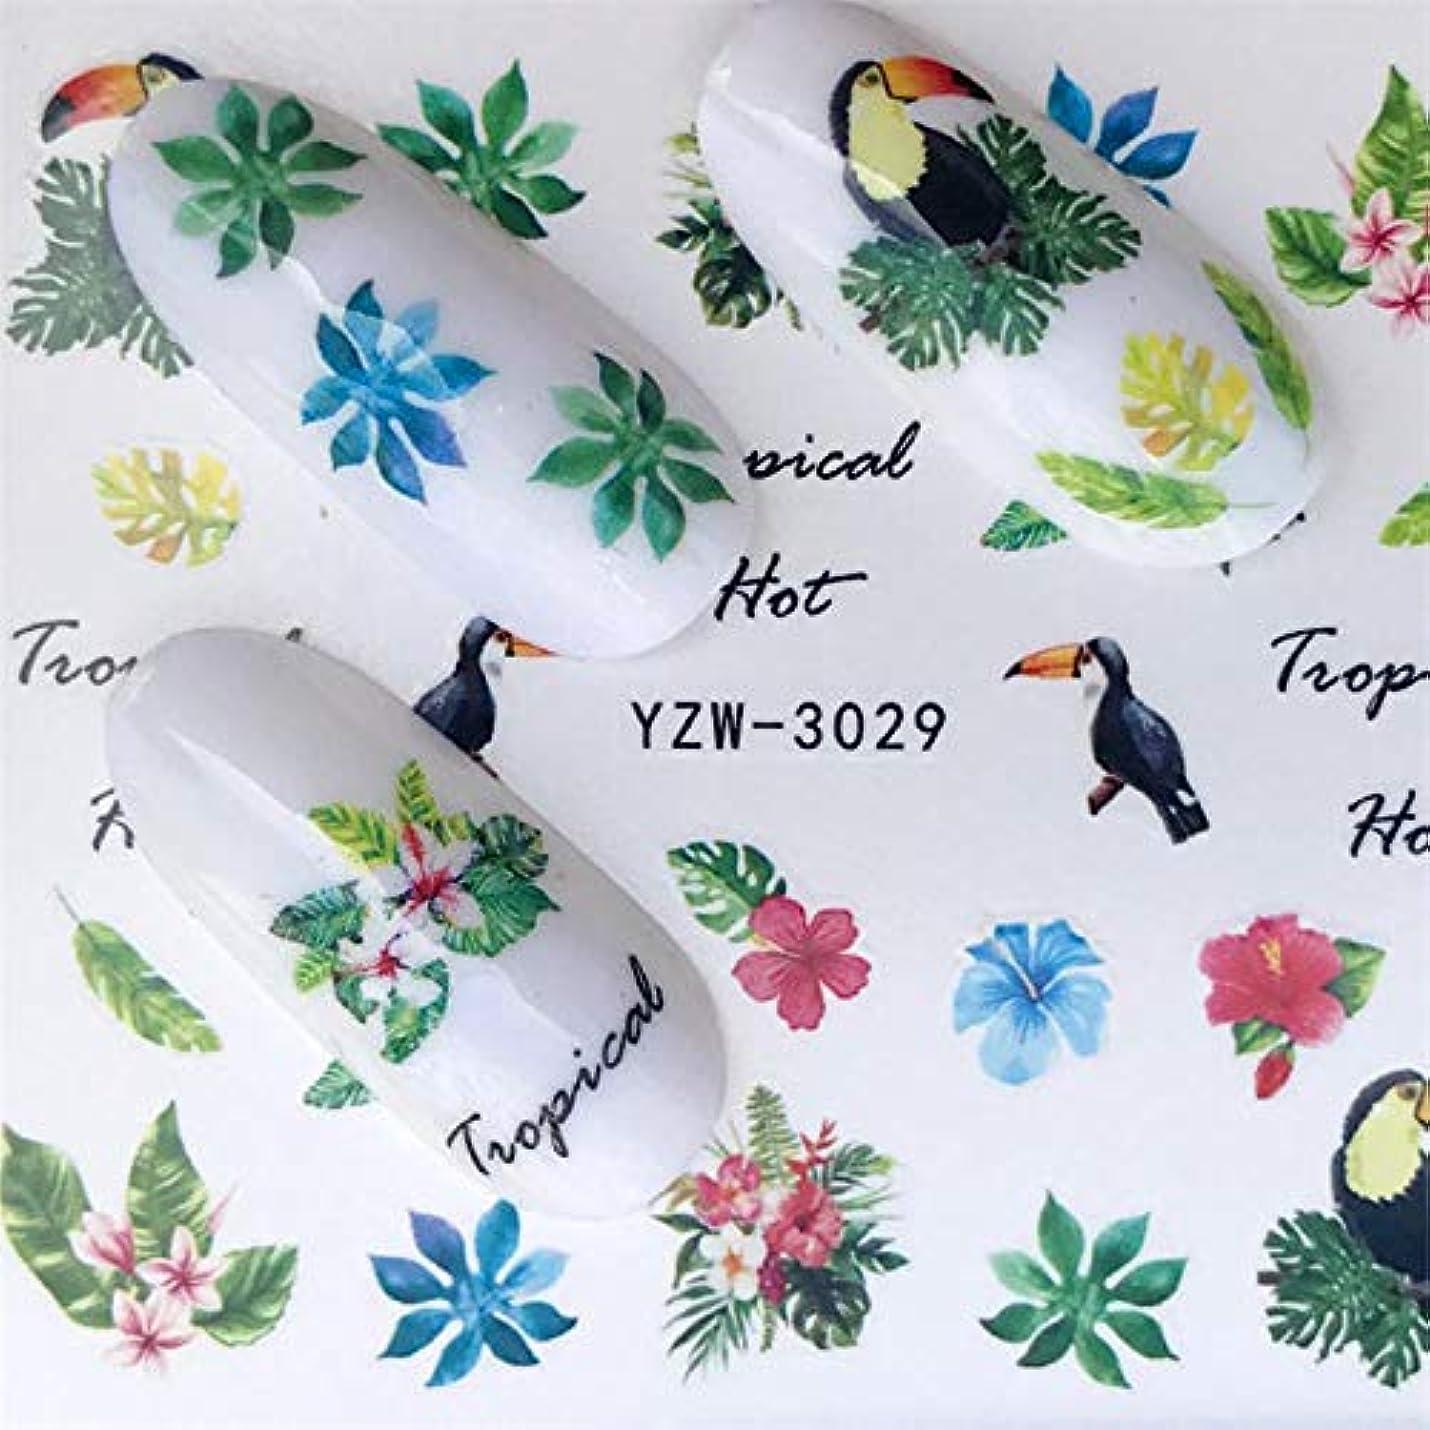 姿勢つかの間従者SUKTI&XIAO ネイルステッカー タンポポの透かしの釘のステッカーの花の漫画の飲み物の釘の芸術の装飾の付属品、Yzw-3029